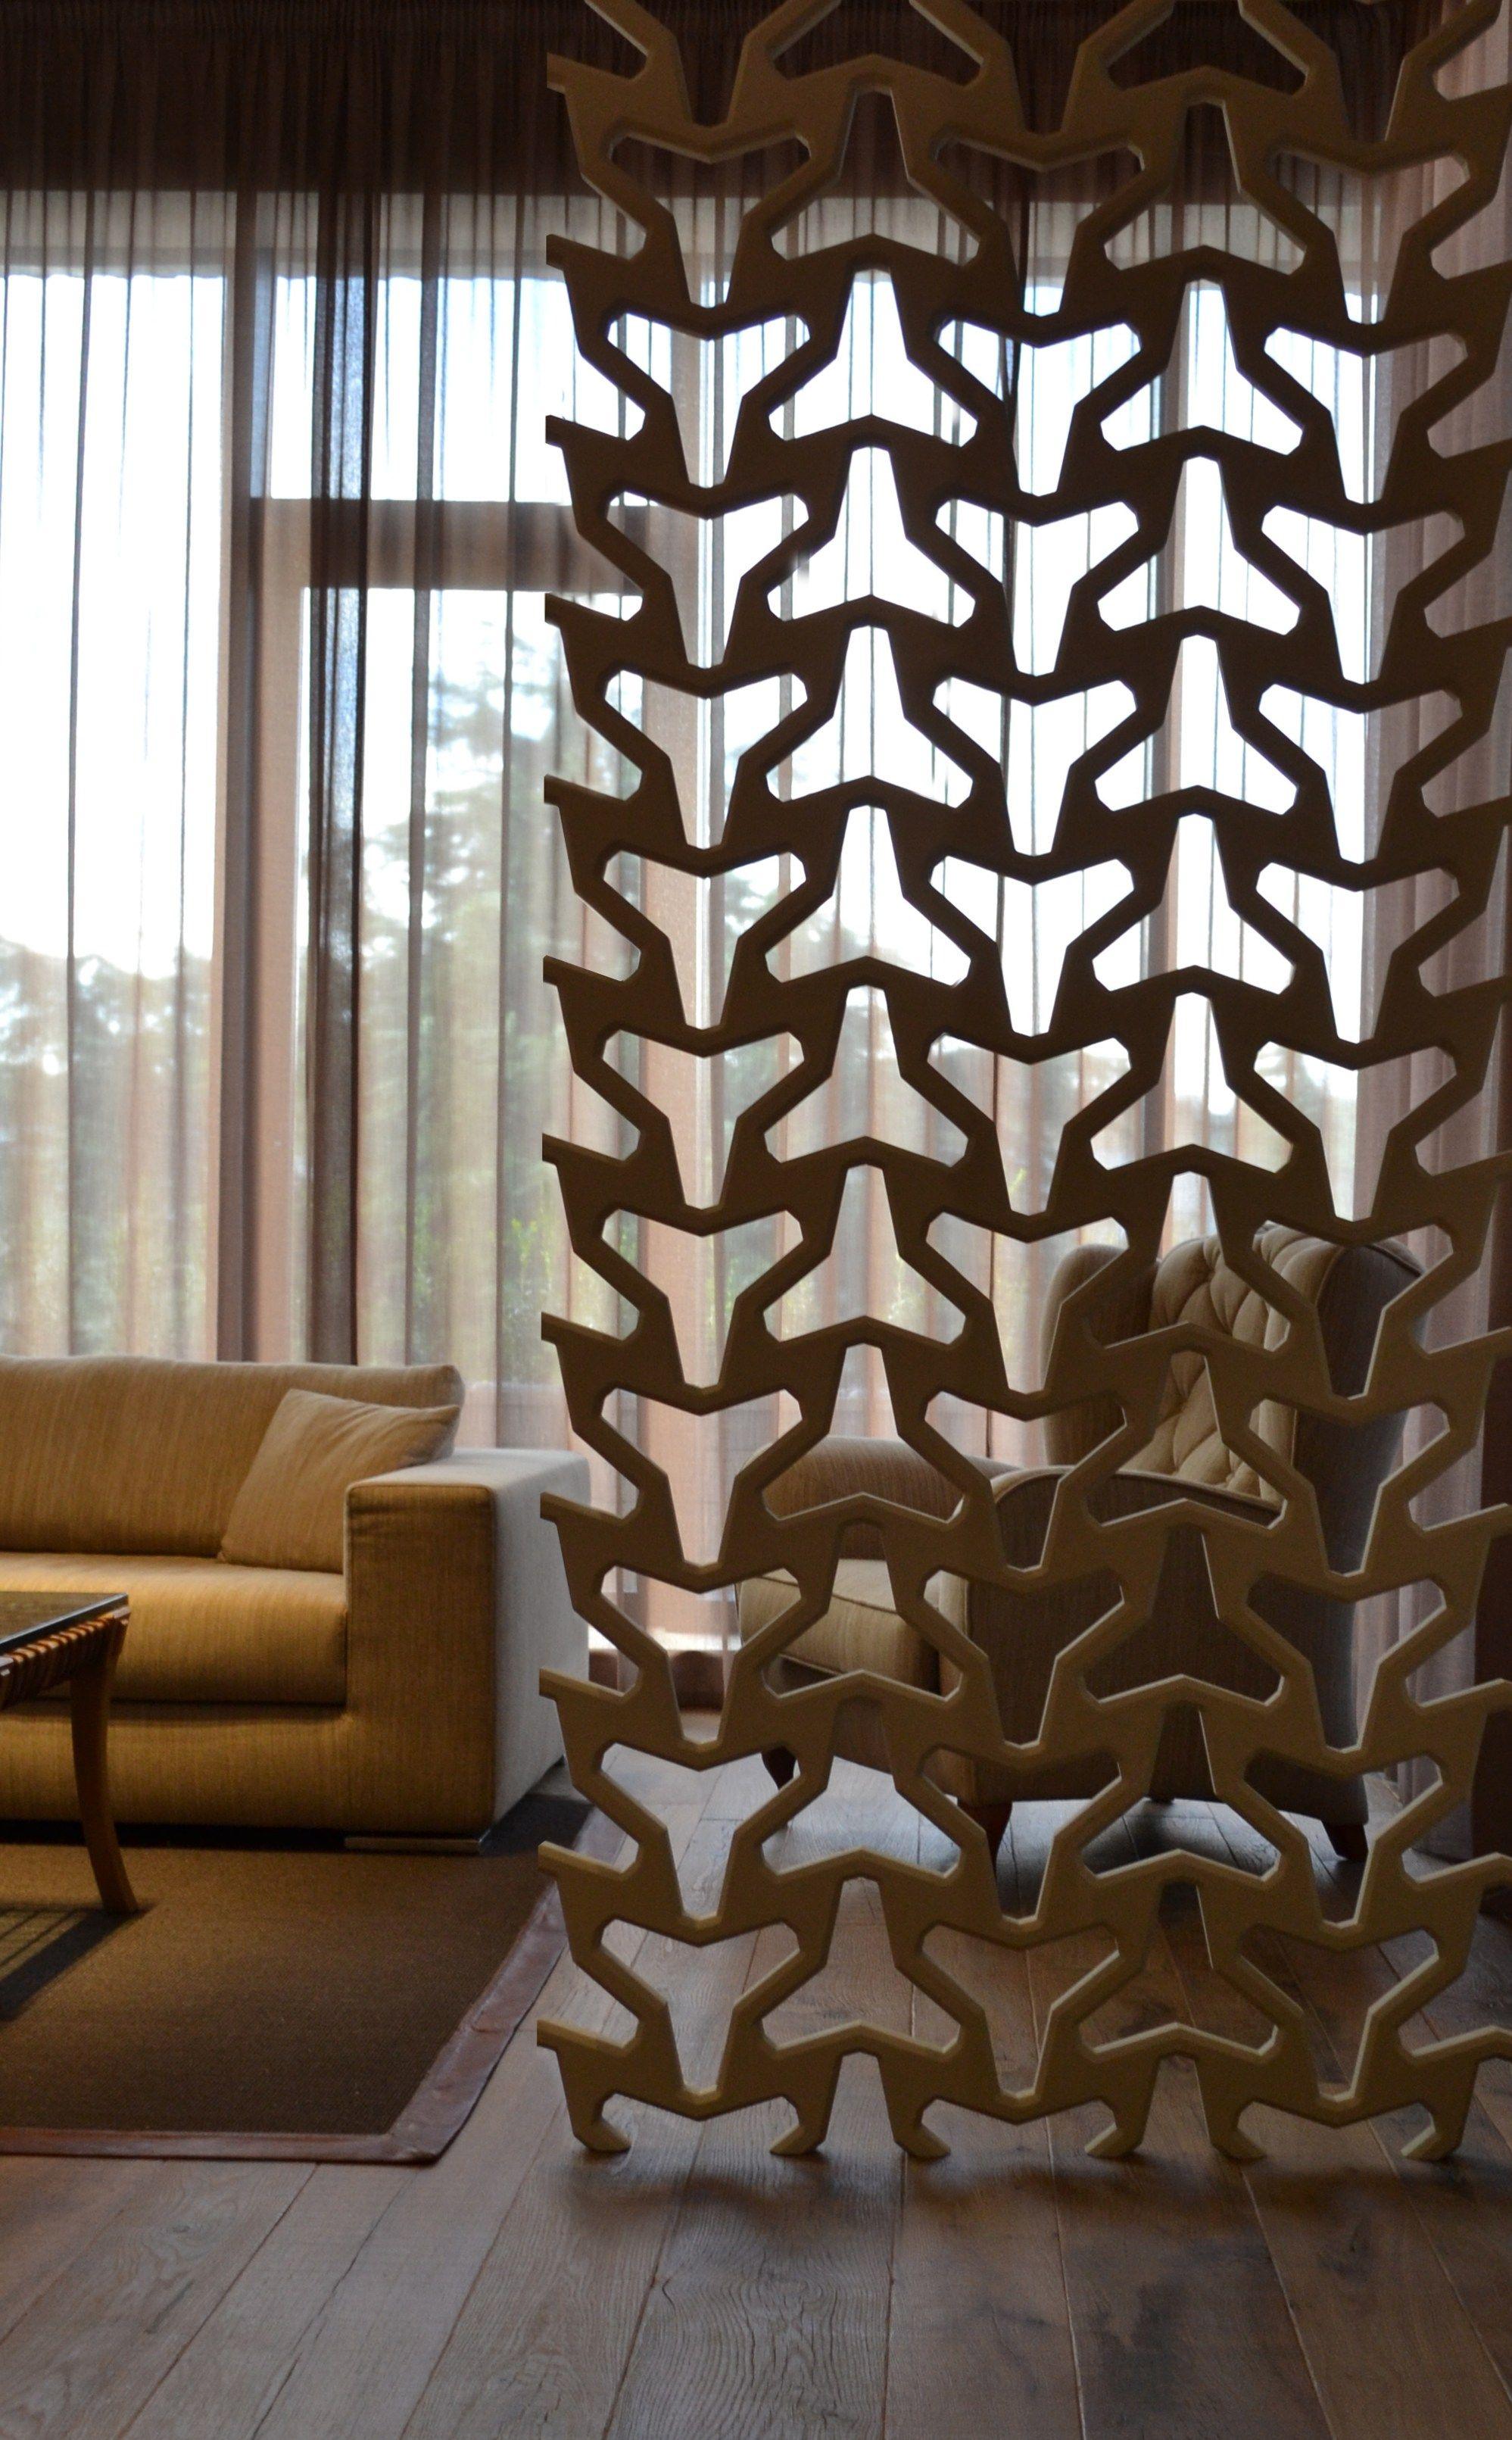 Cloison en mat?riaux c?ramiques ARABESQUE by 3D Surface ...